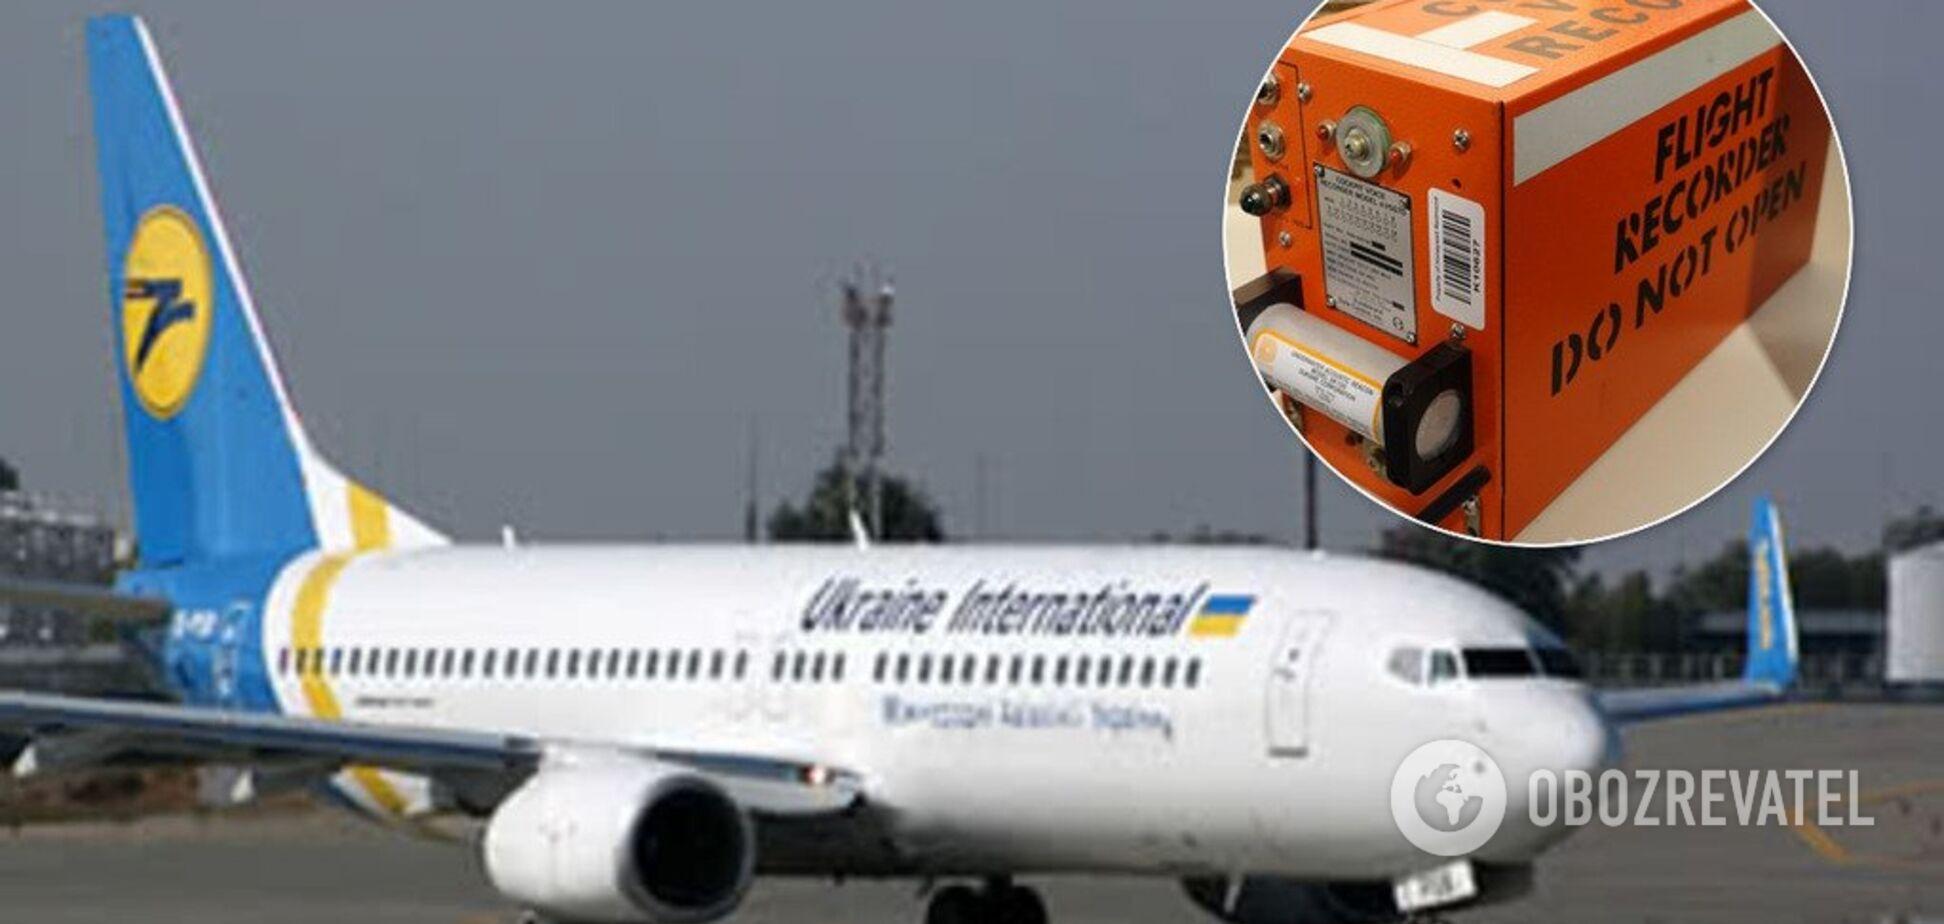 Як мозаїка: льотчик пояснив, про що розповість чорна скринька Boeing 737